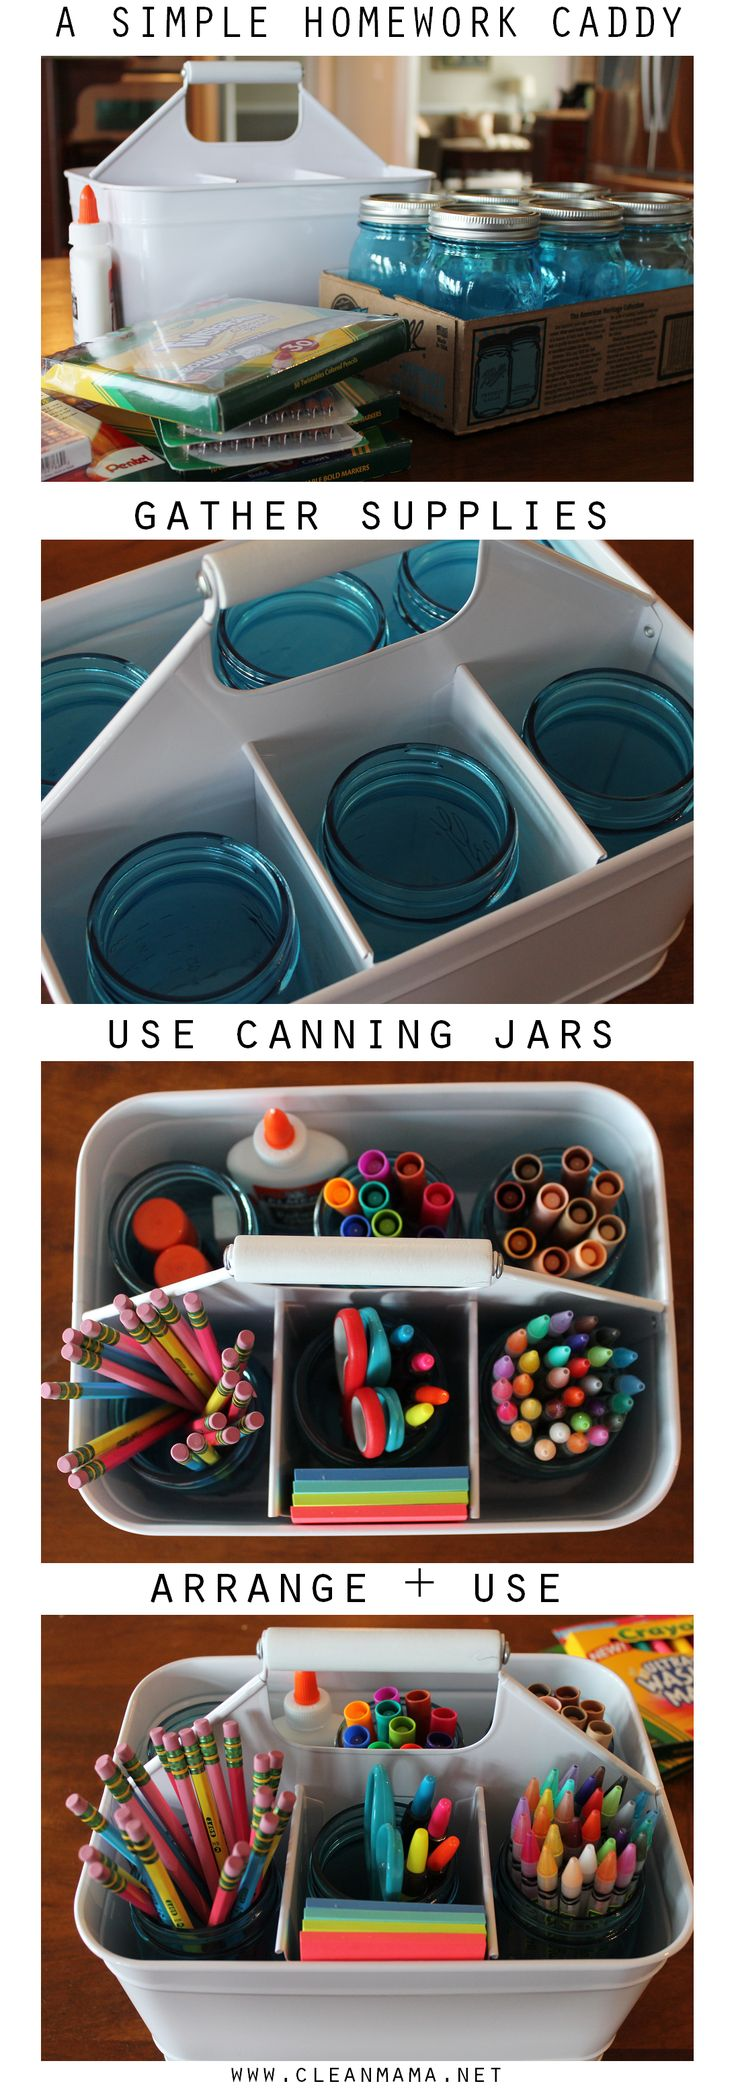 DIY Homework Caddy kids diy school children crafts diy ideas organization back to school organizing organization tips